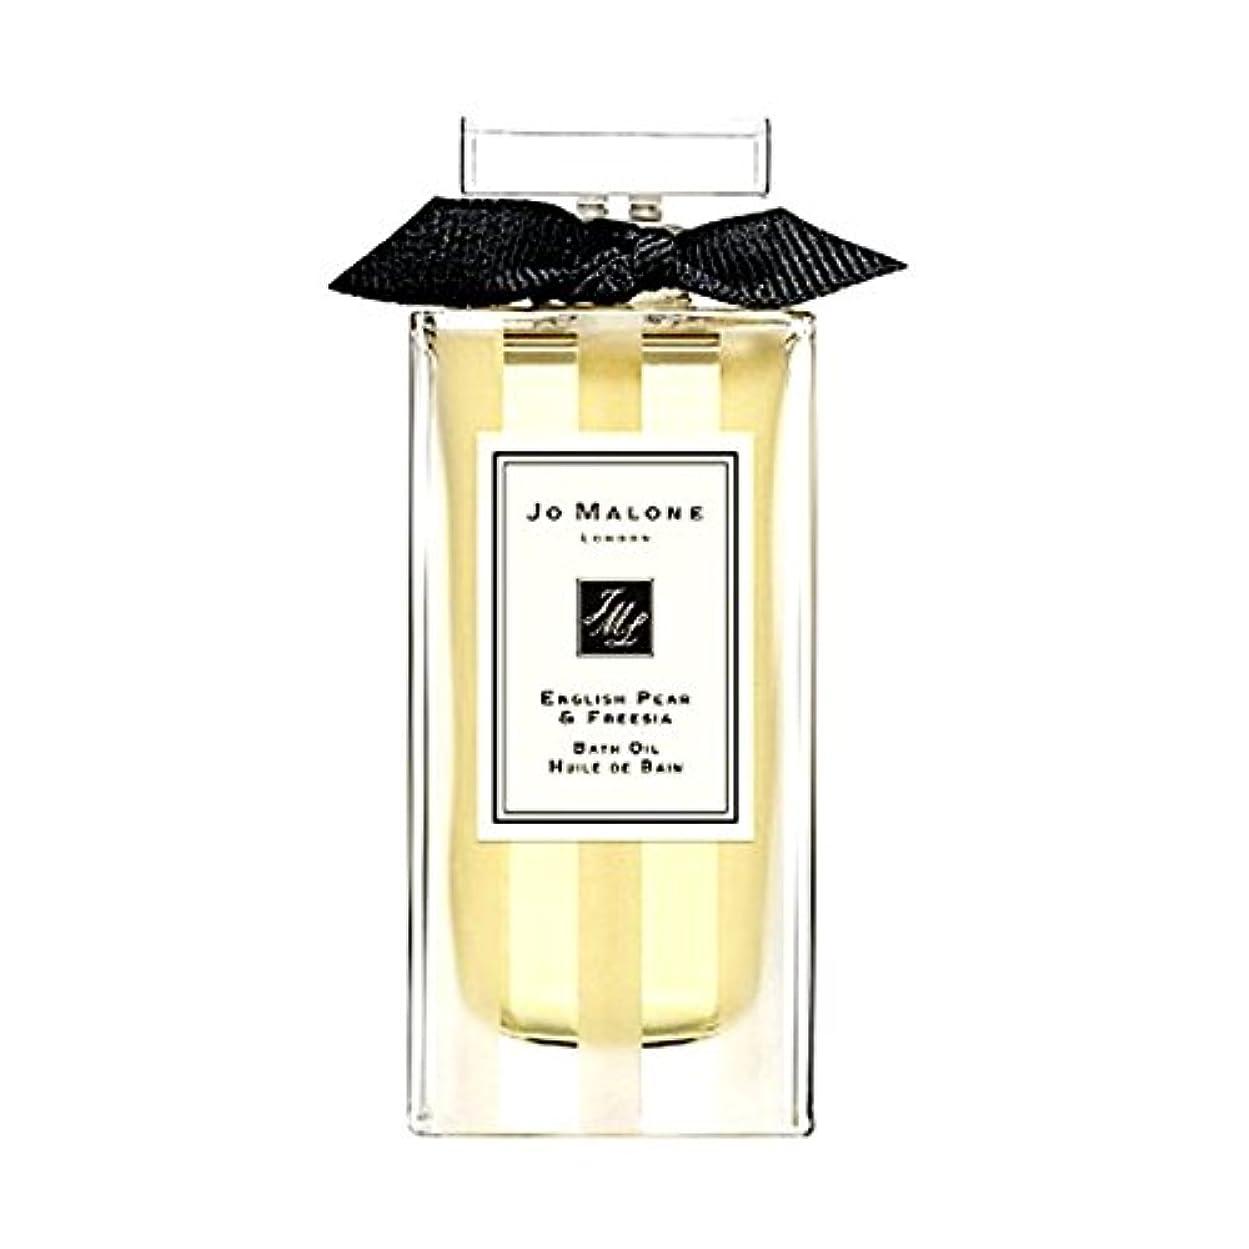 アーティストクリップ蝶上Jo Maloneジョーマローン, バスオイル -英語梨&フリージア (30ml),' English Pear & Freesia' Bath Oil (1oz) [海外直送品] [並行輸入品]